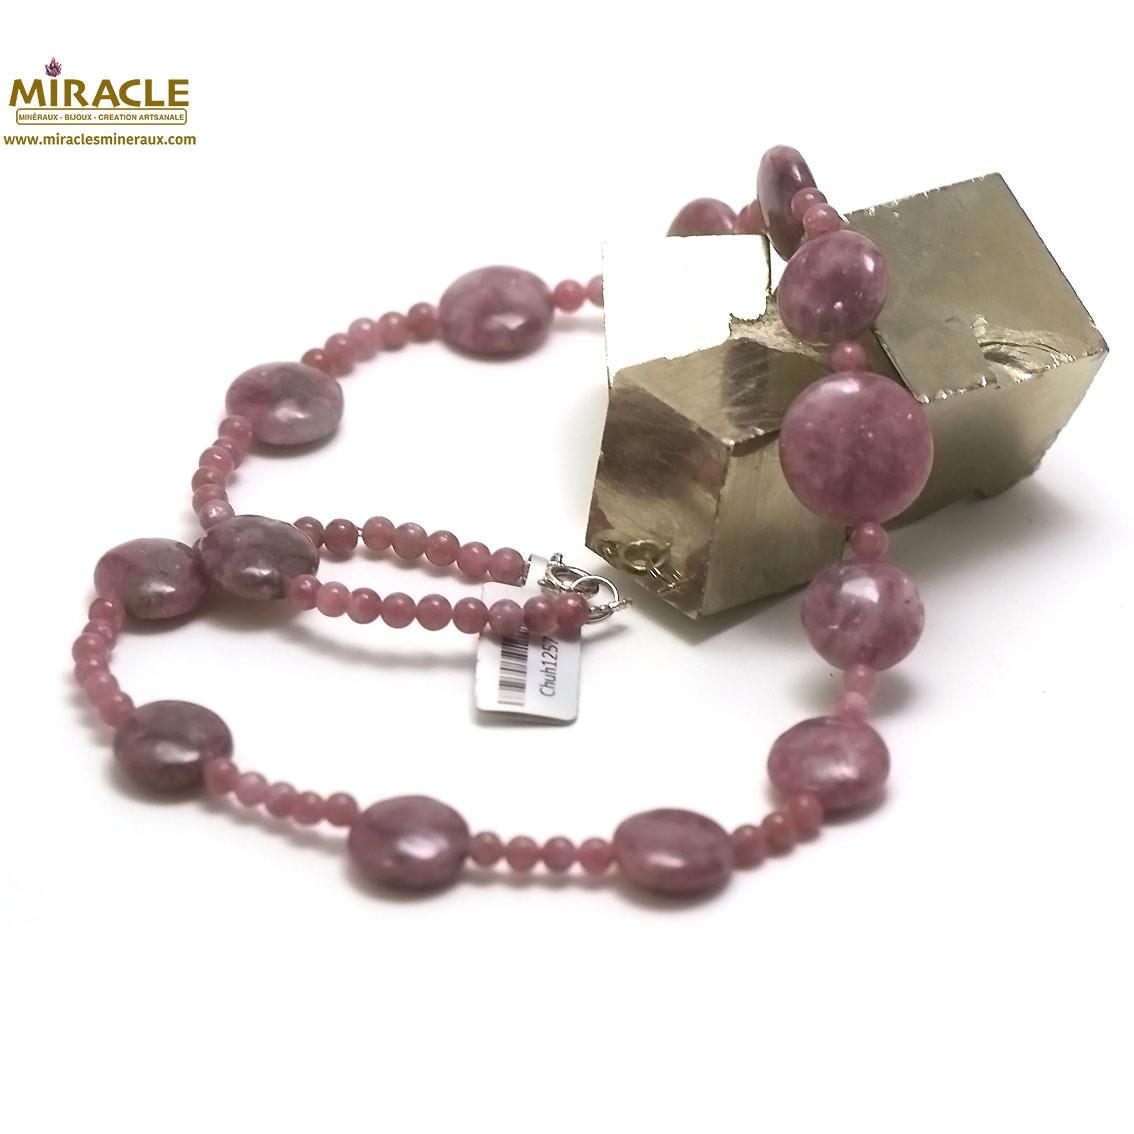 collier Lépidolite, perle palet rond/ronde 4 mm